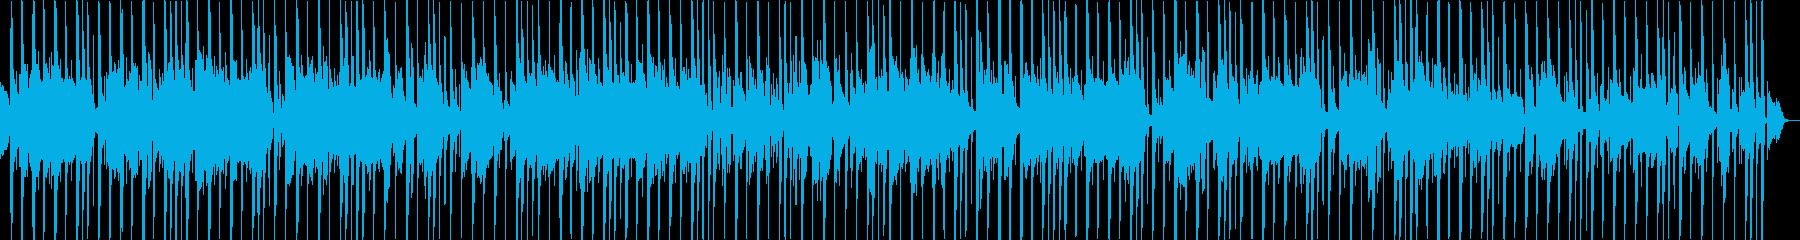 クールなヒップホップでジャズとポップ要素の再生済みの波形